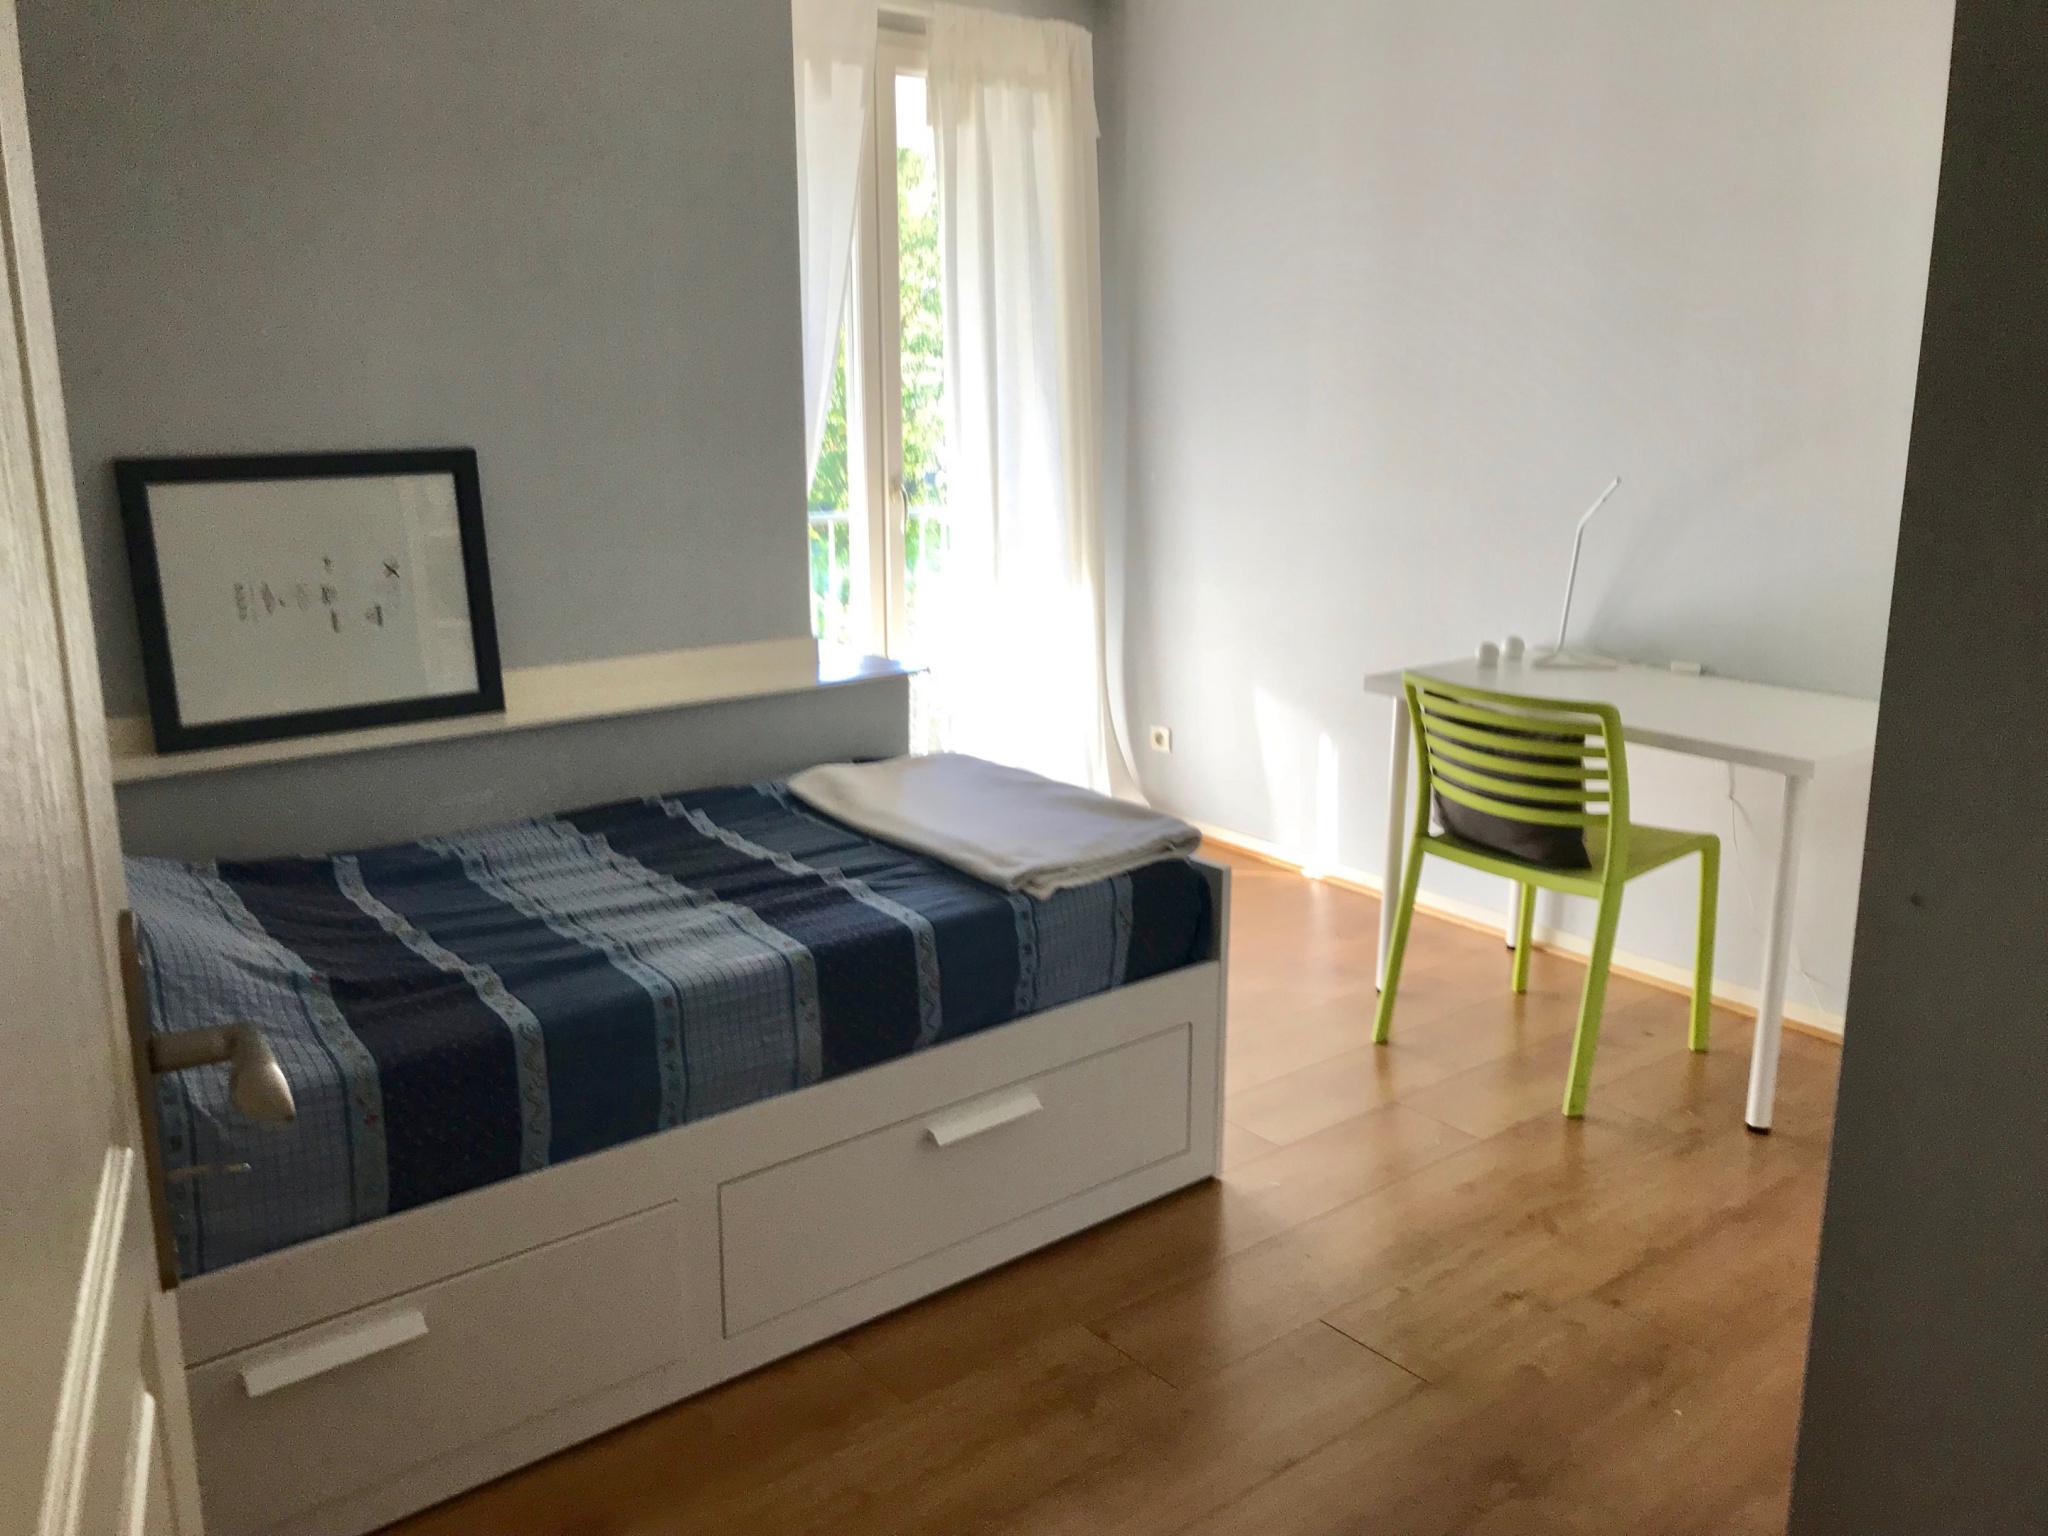 Location a louer chambre dans logement t4 avec jardin sur - Chambre a louer bordeaux ...